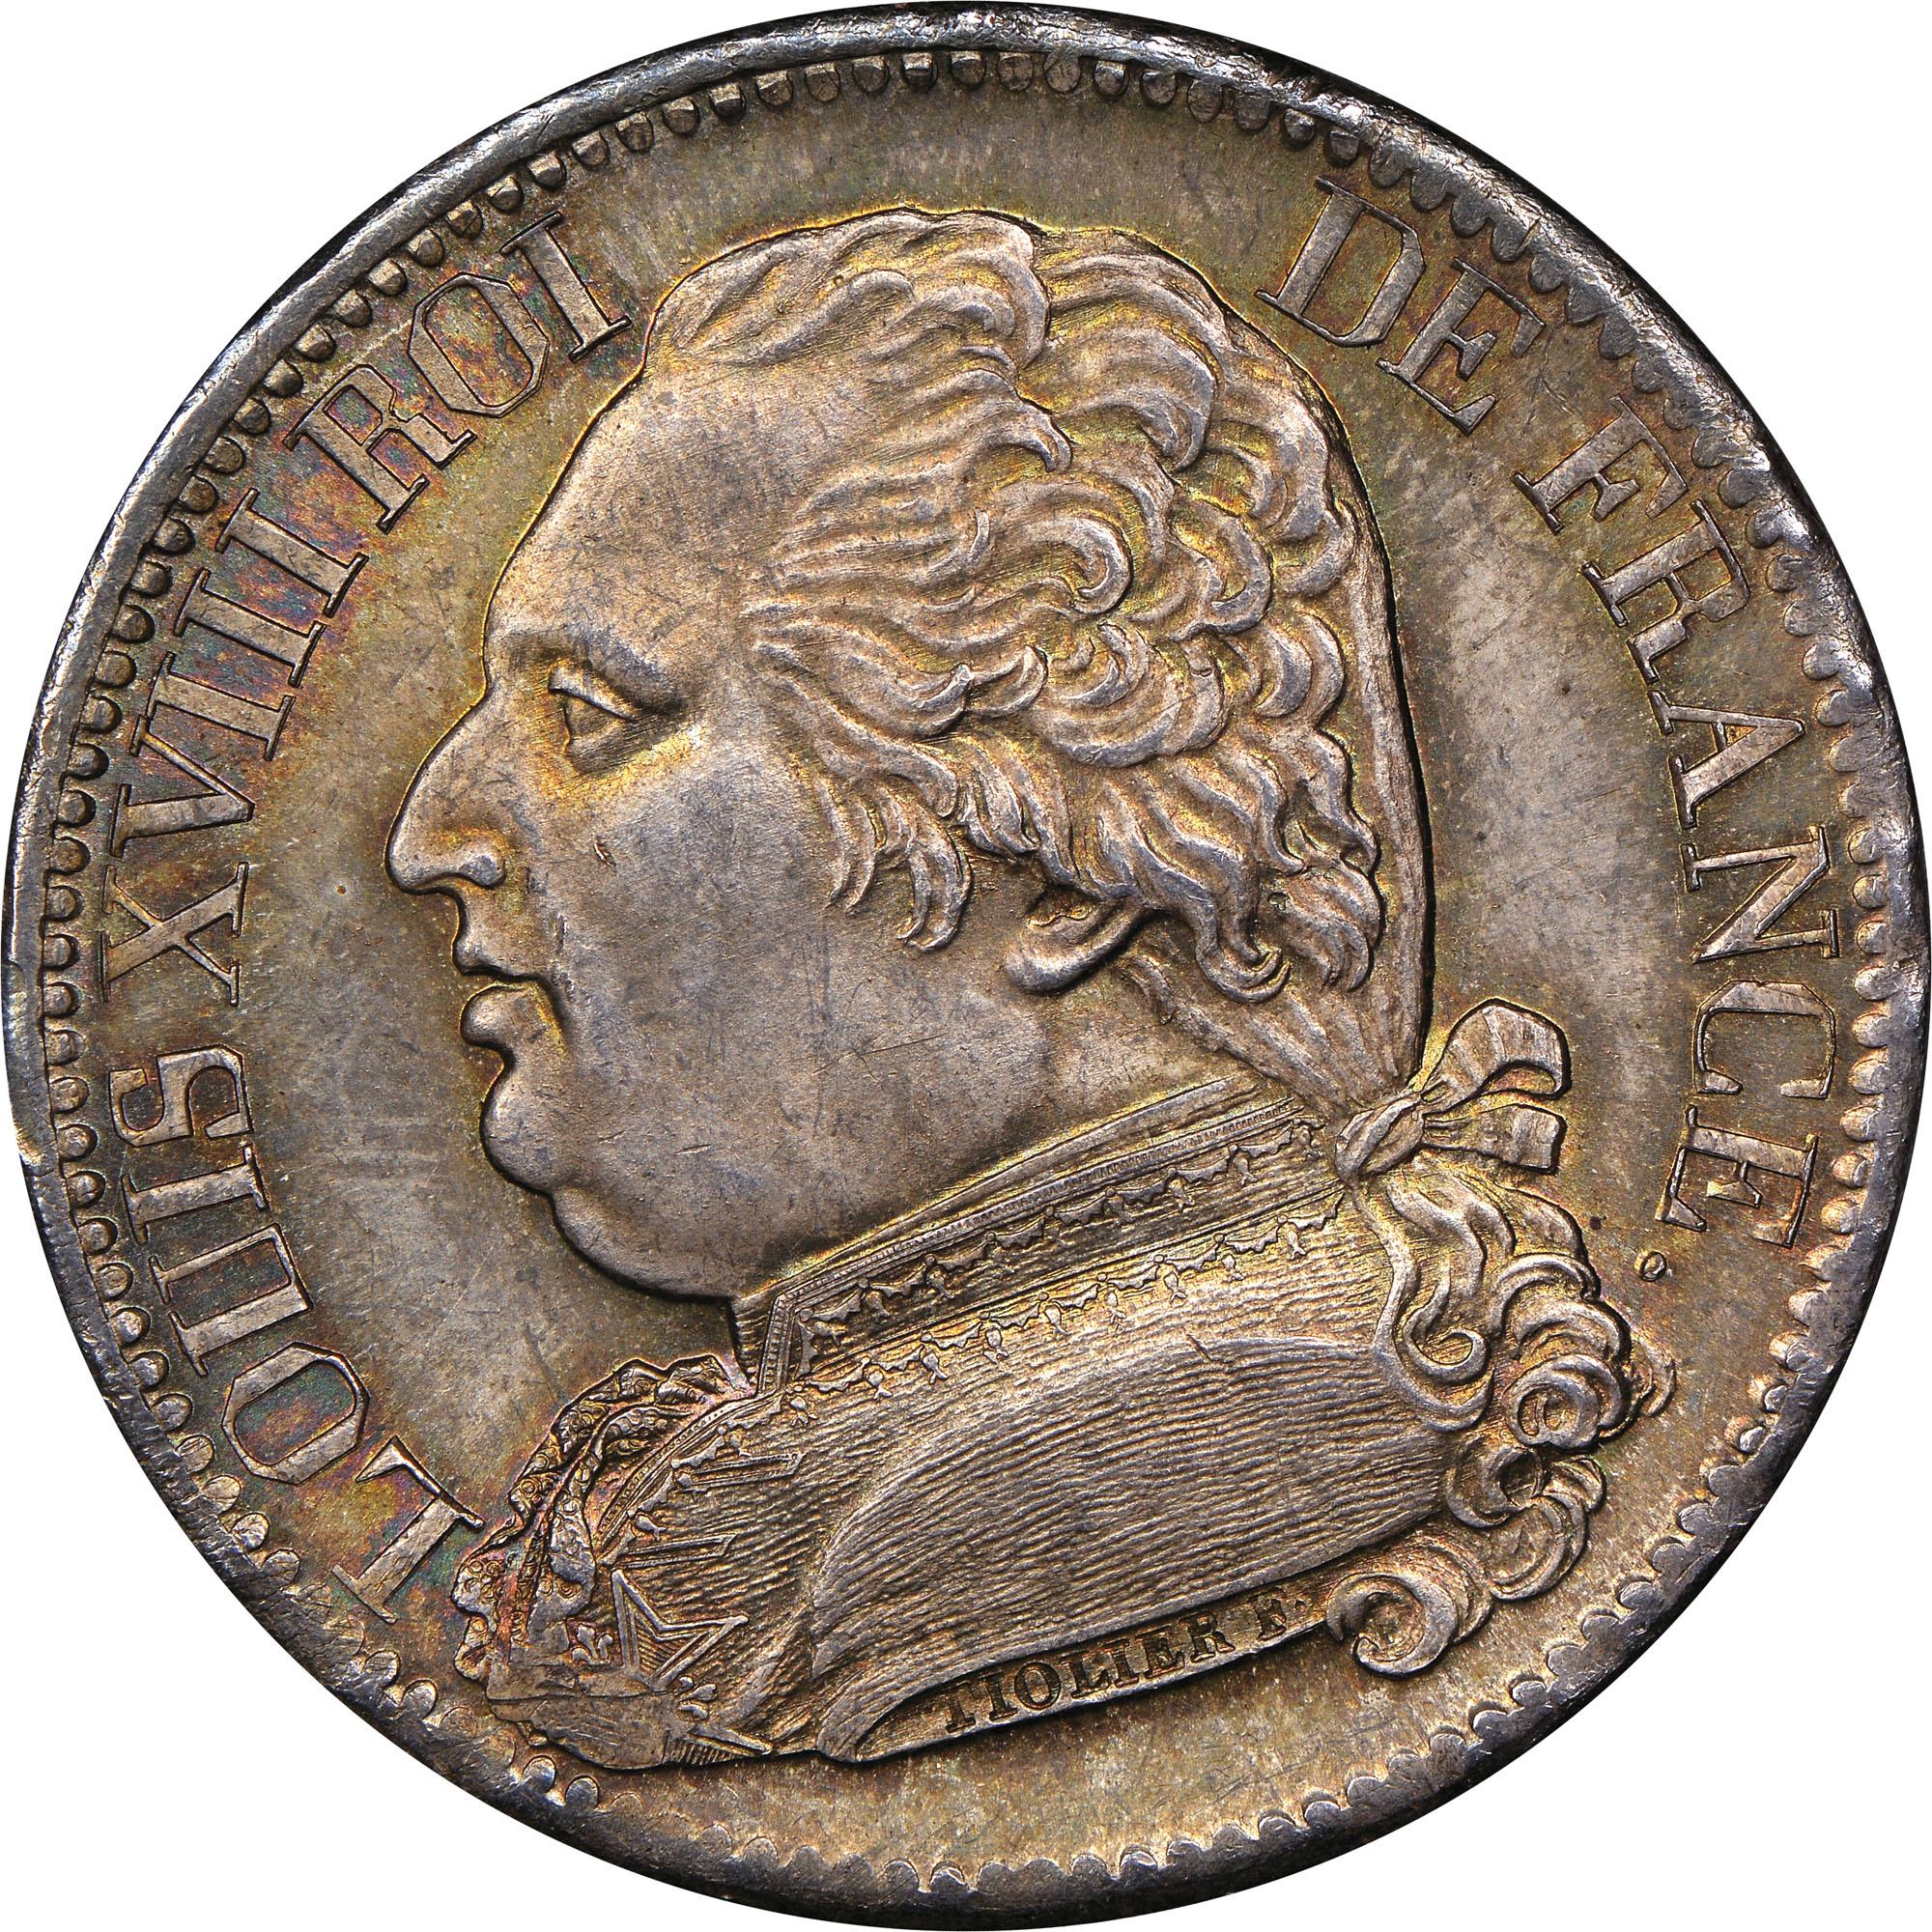 France 5 Francs obverse